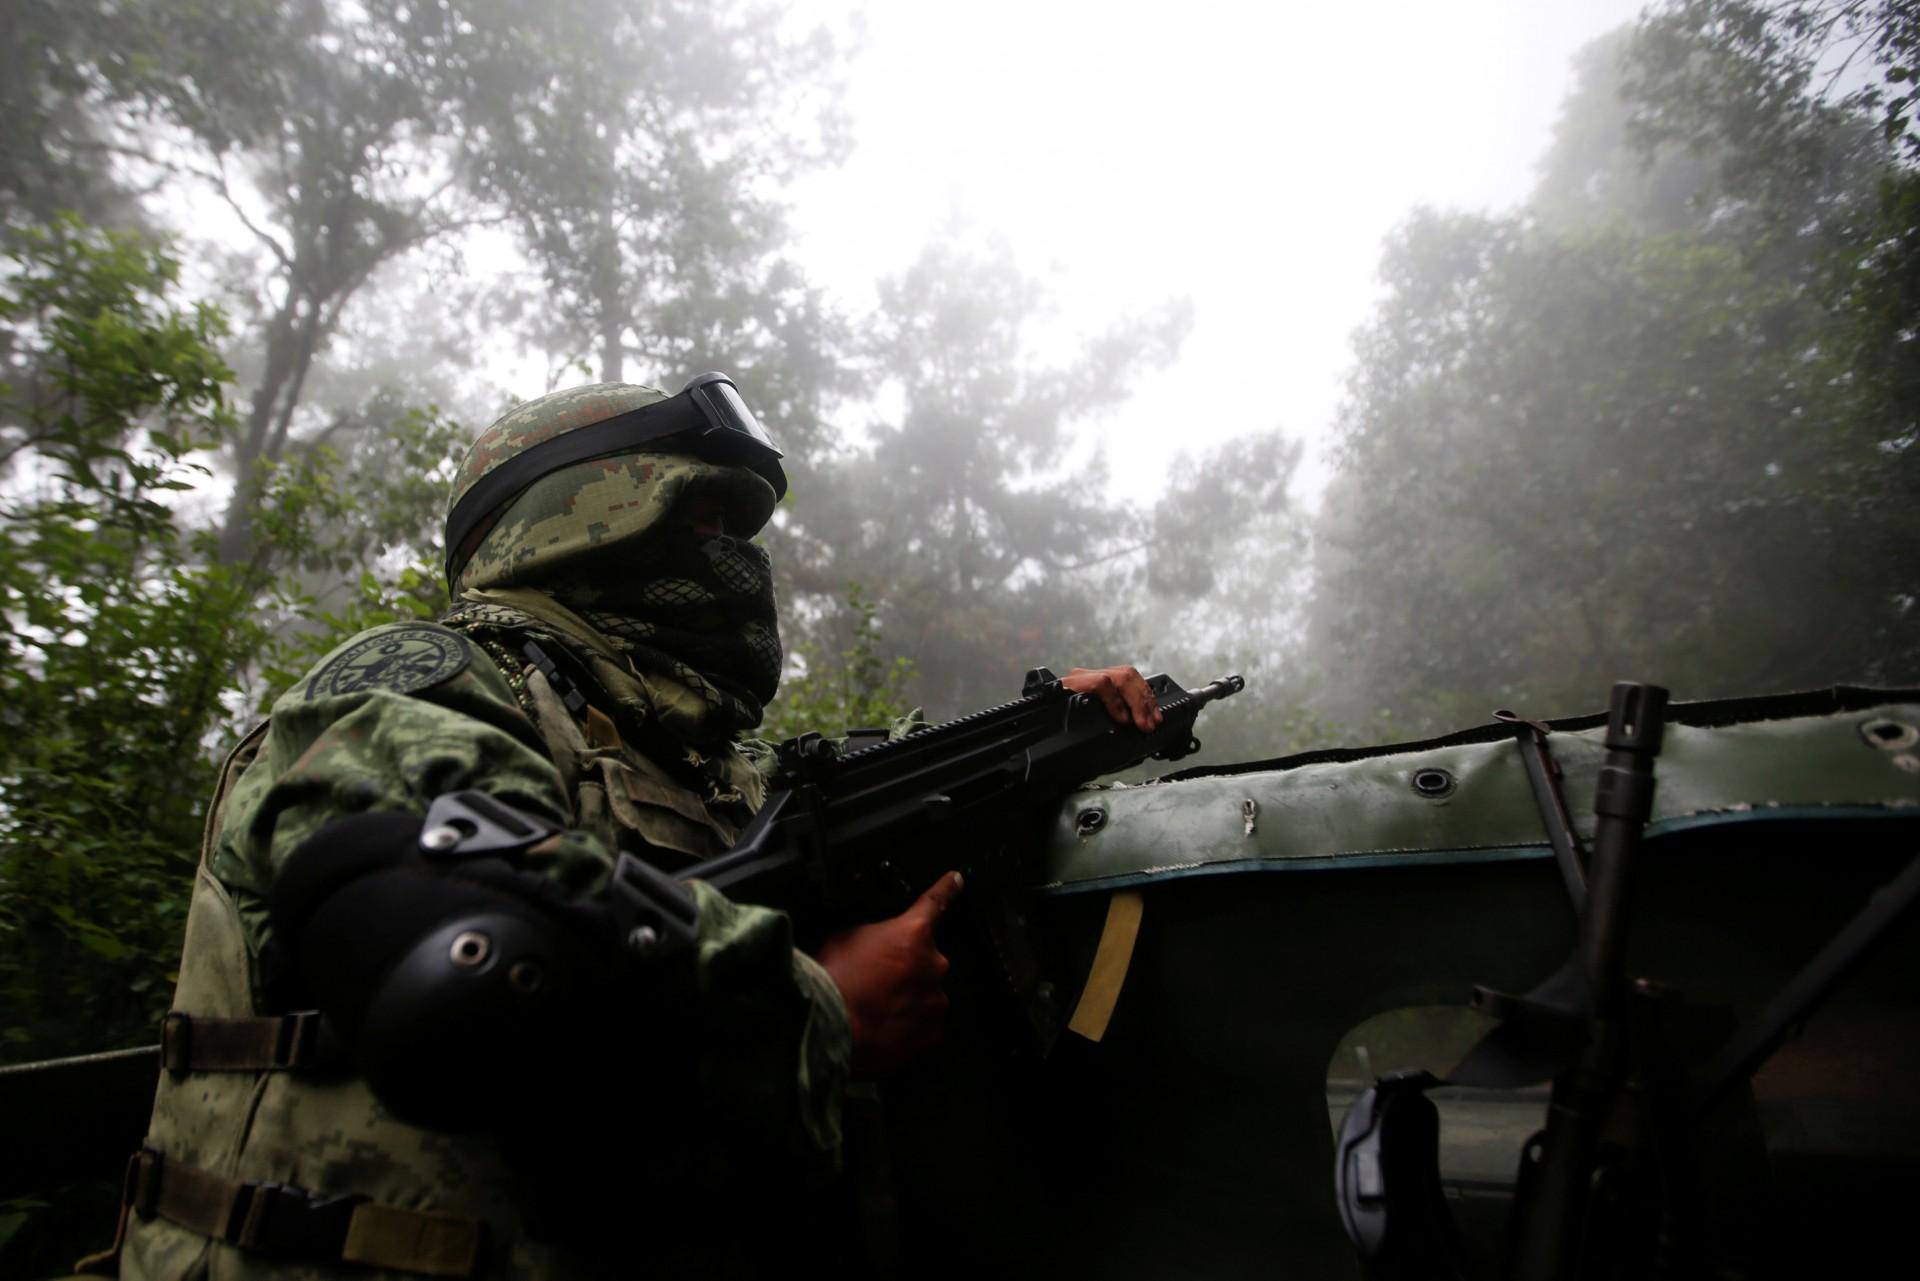 Los soldados patrullan el área de Pueblo Viejo en la Sierra Madre del Sur, en el estado sureño de Guerrero, México, el 24 de agosto de 2018.